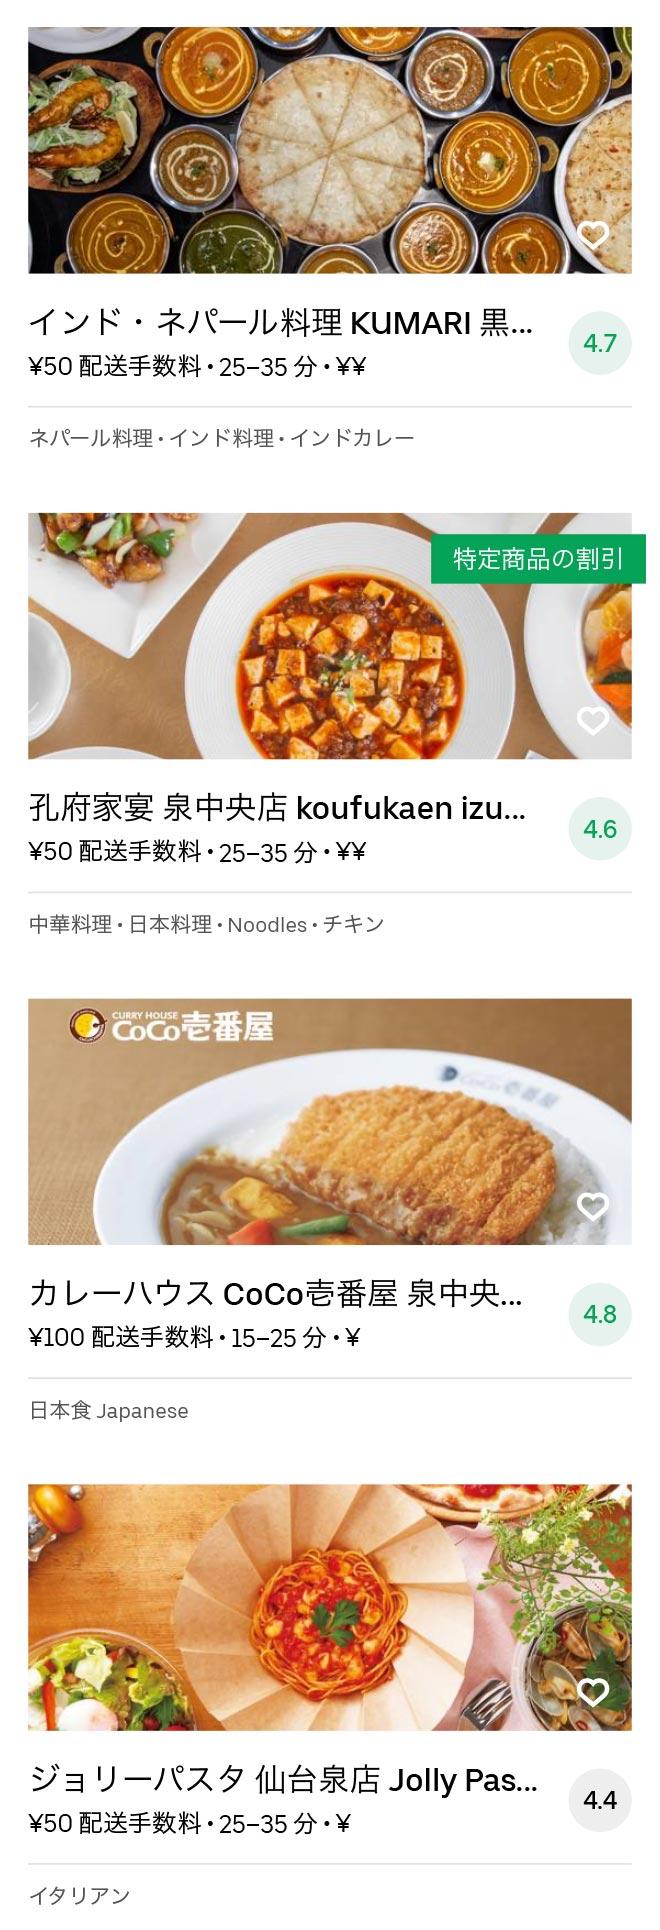 Yaotome menu 2008 05